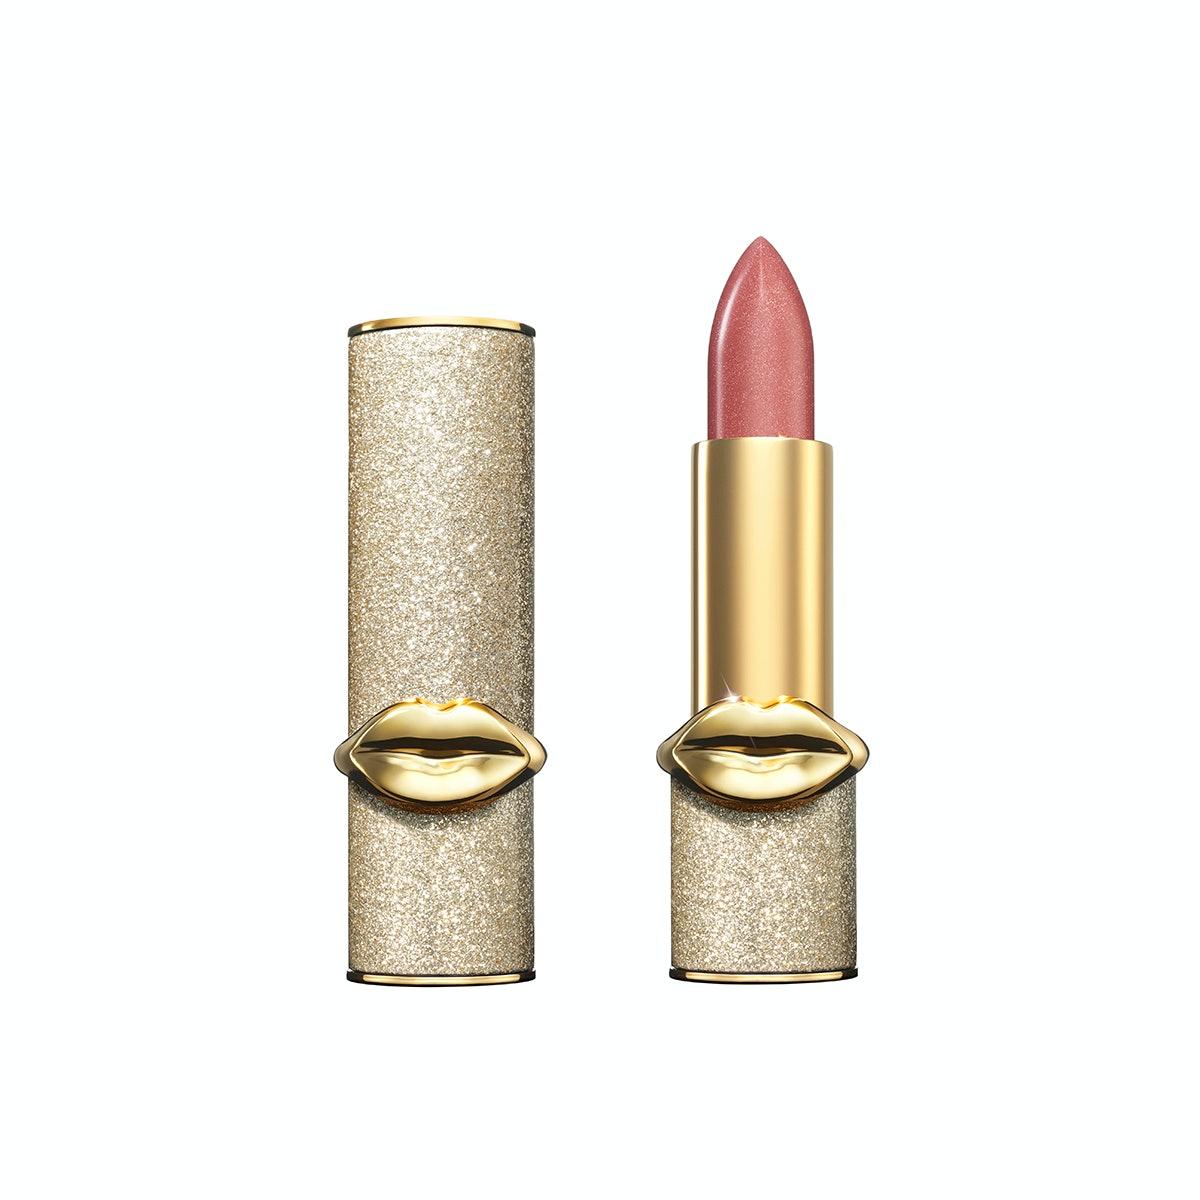 BLITZTRANCE™ Lipstick in Skinsane